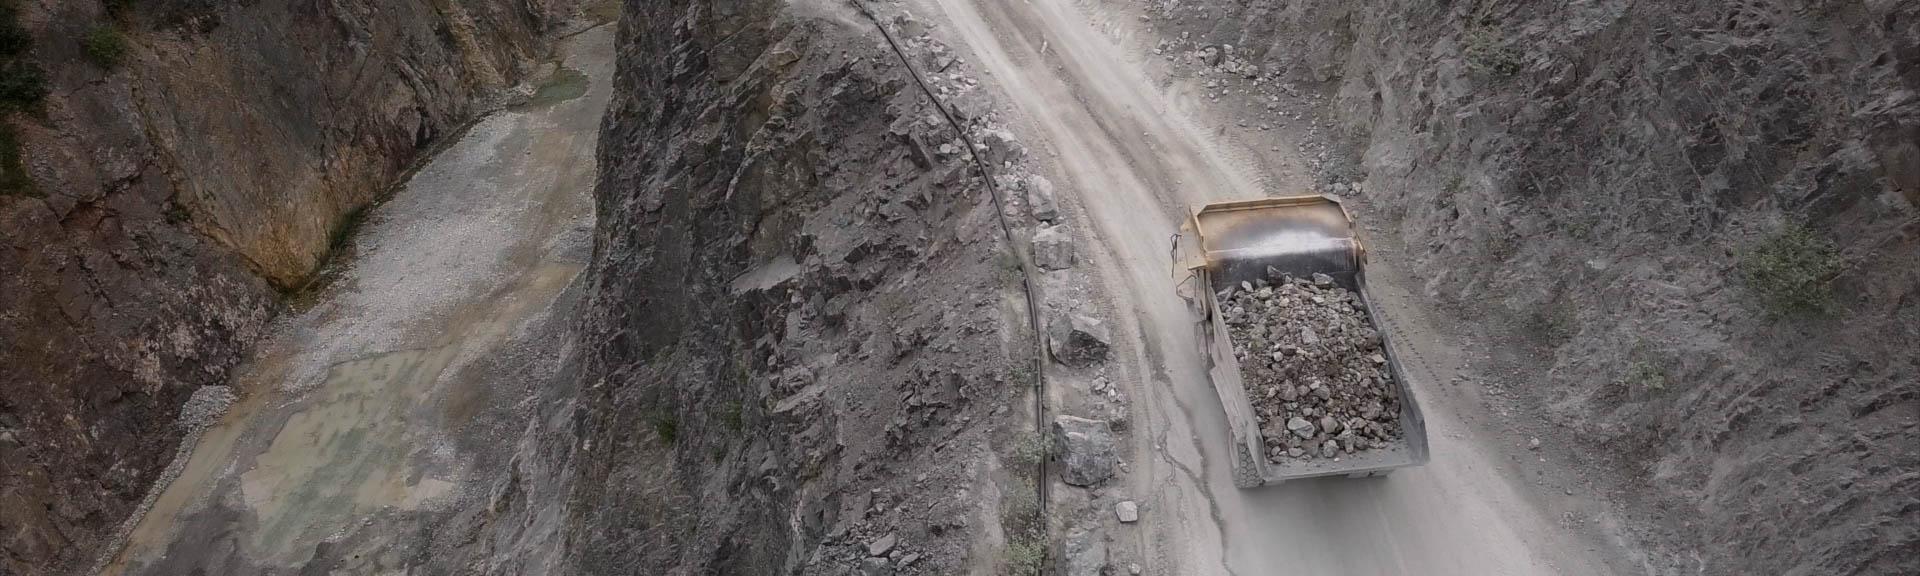 LIQ-Truck-Cliff-PANO